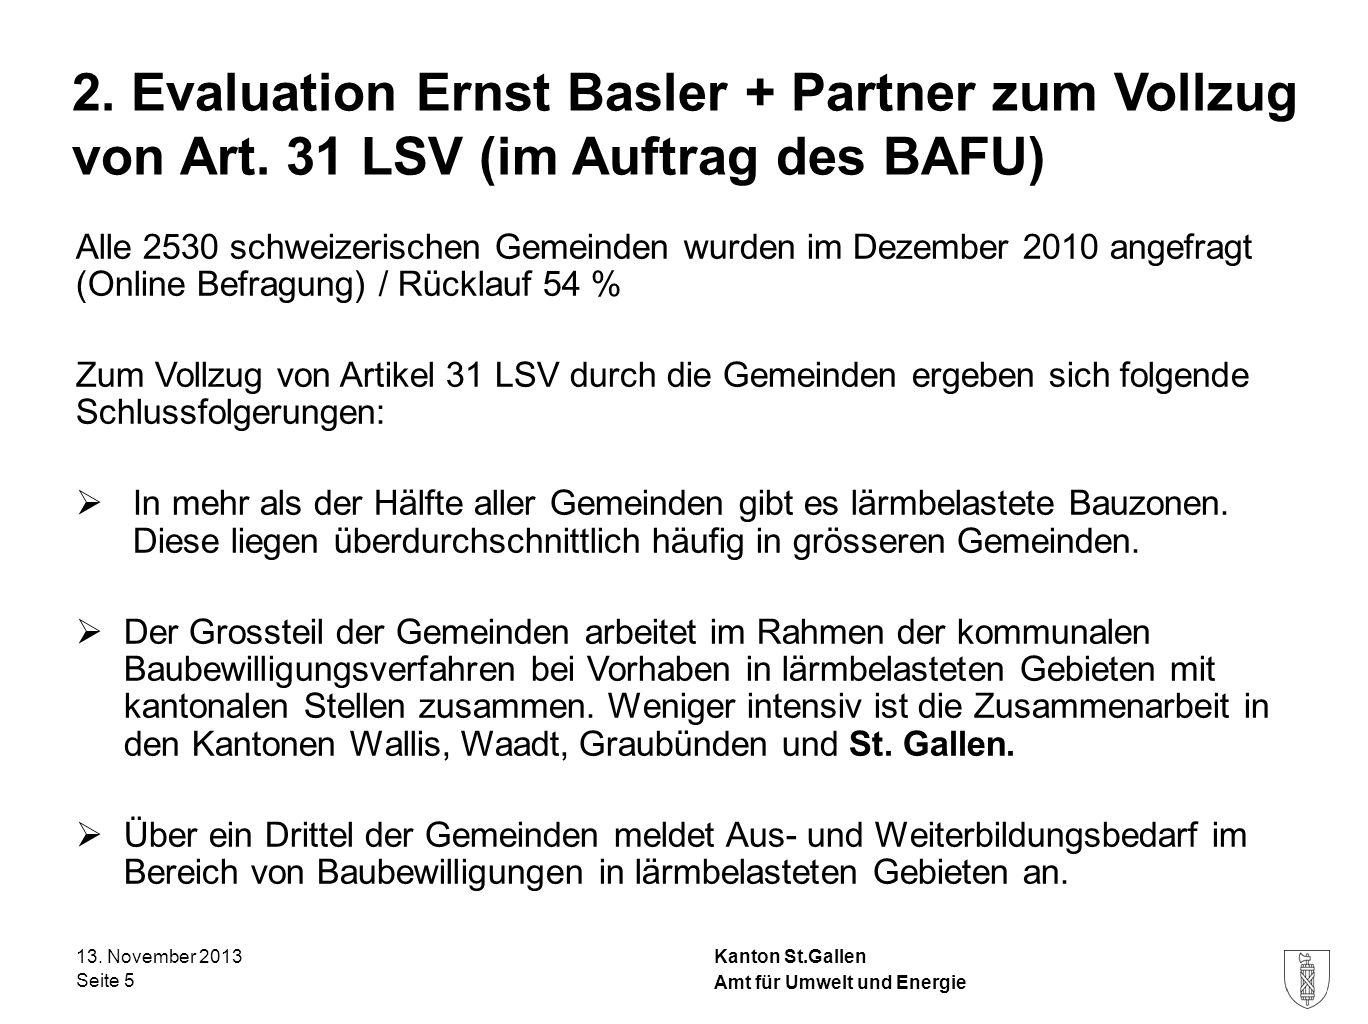 2. Evaluation Ernst Basler + Partner zum Vollzug von Art